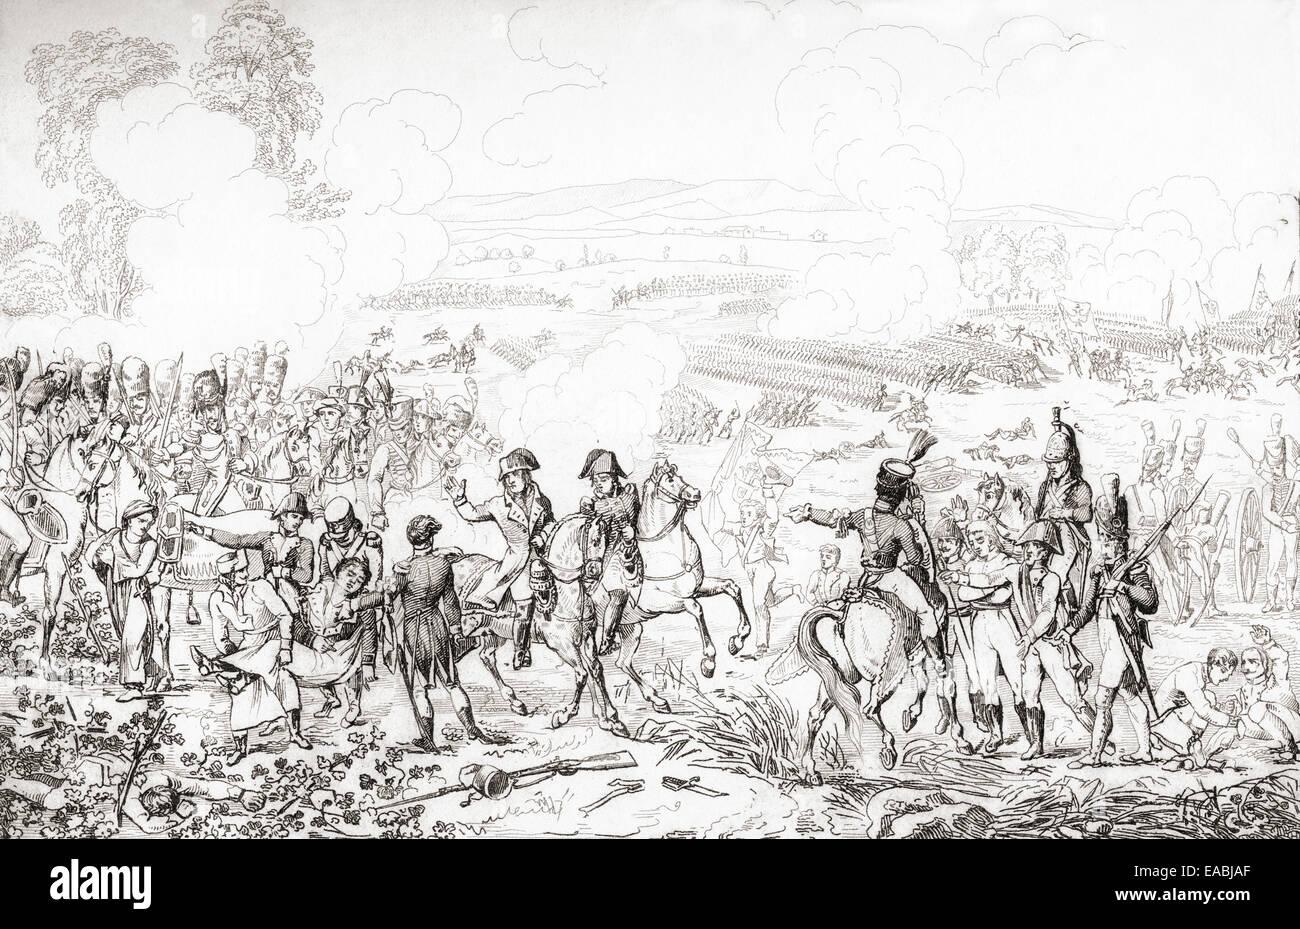 La Battaglia di Marengo, 14 giugno 1800, combattuto tra francesi e forze austriache. Immagini Stock